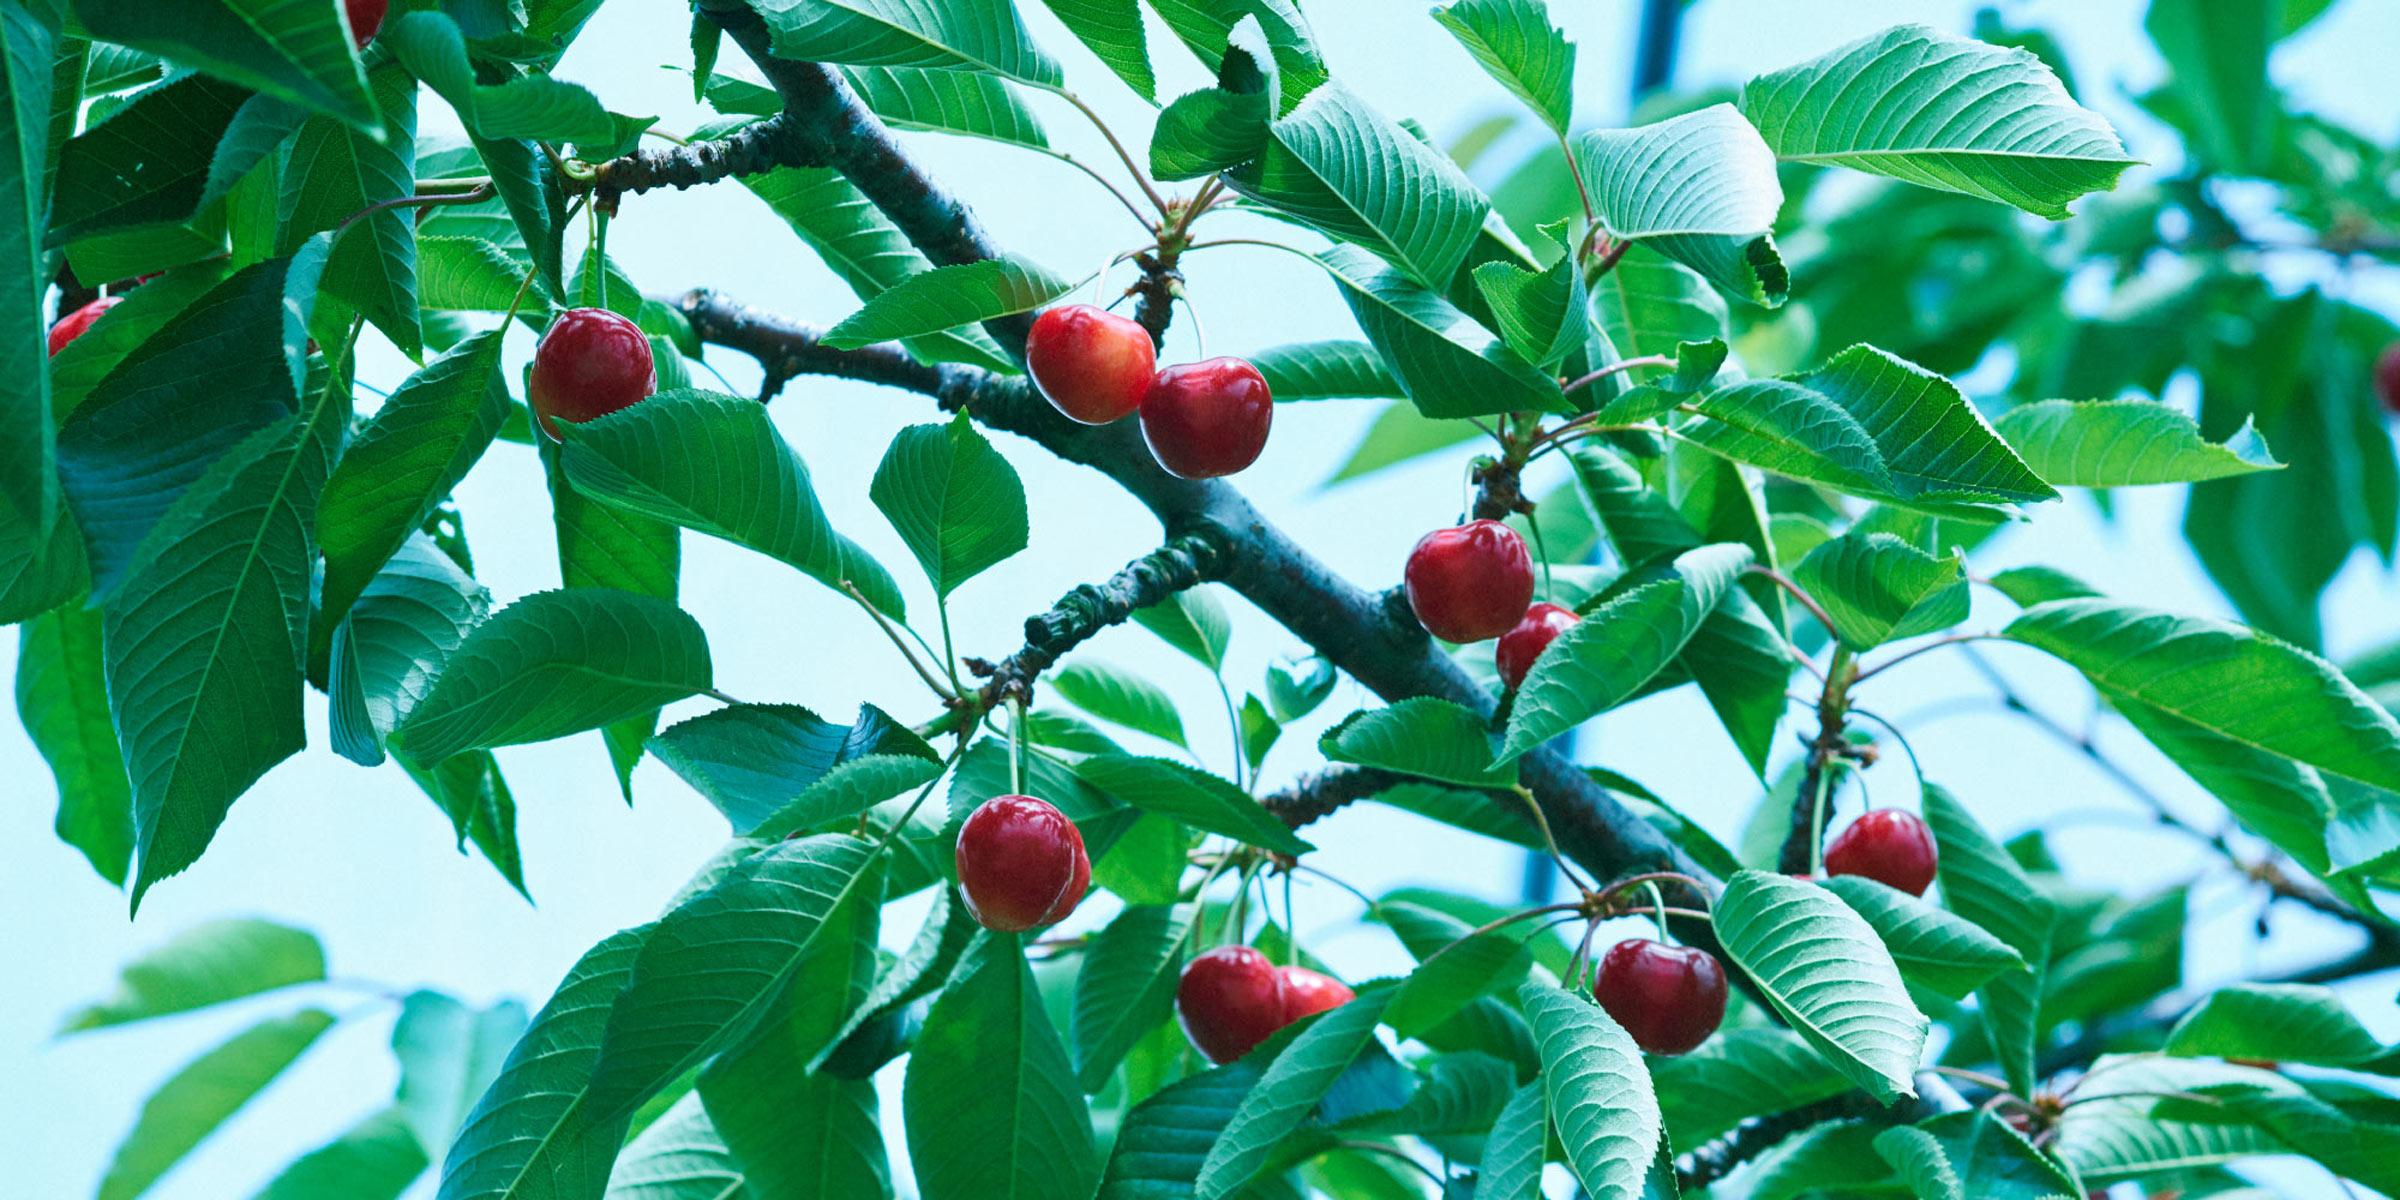 ジュノハートは、青森県独自のさくらんぼ新品種。